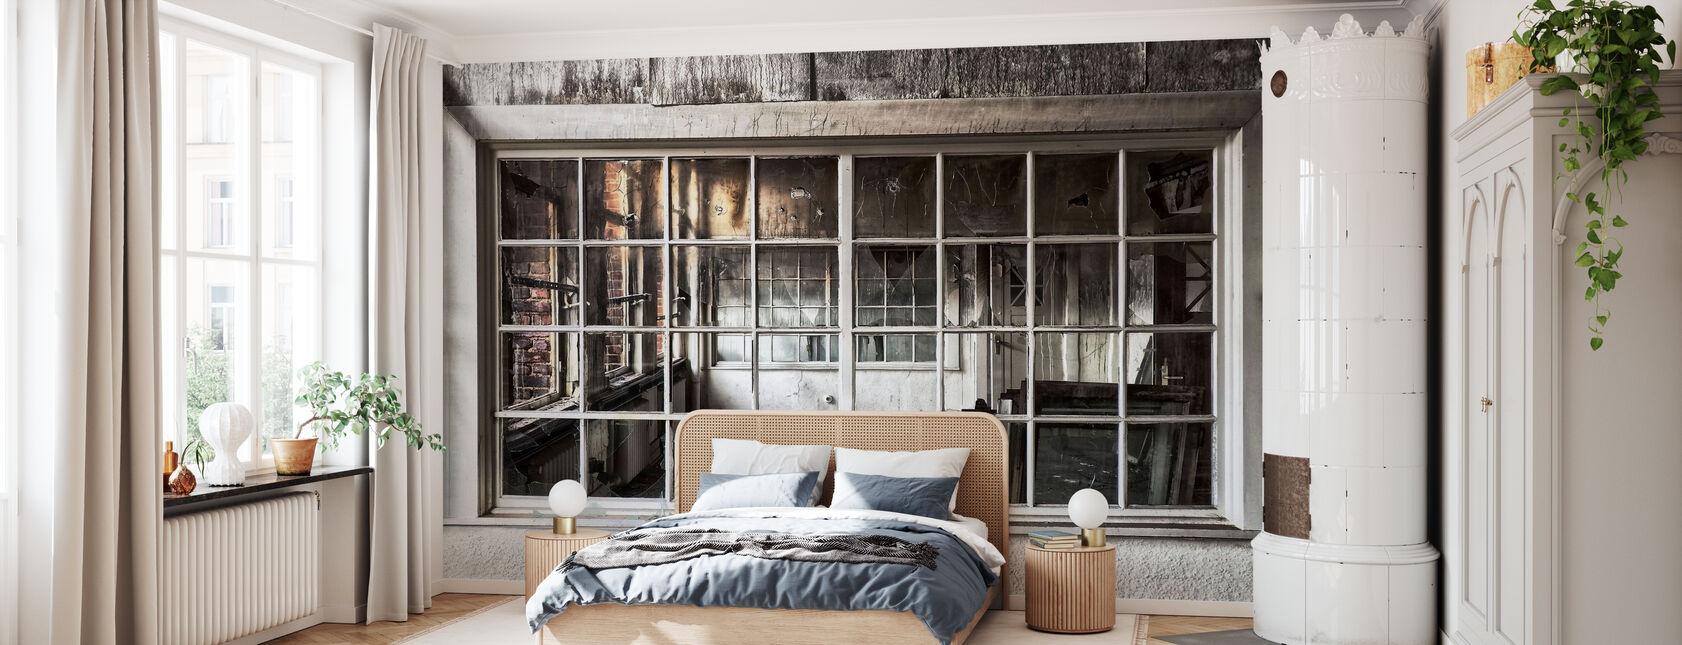 Zerbrochenes altes Fenster - Tapete - Schlafzimmer